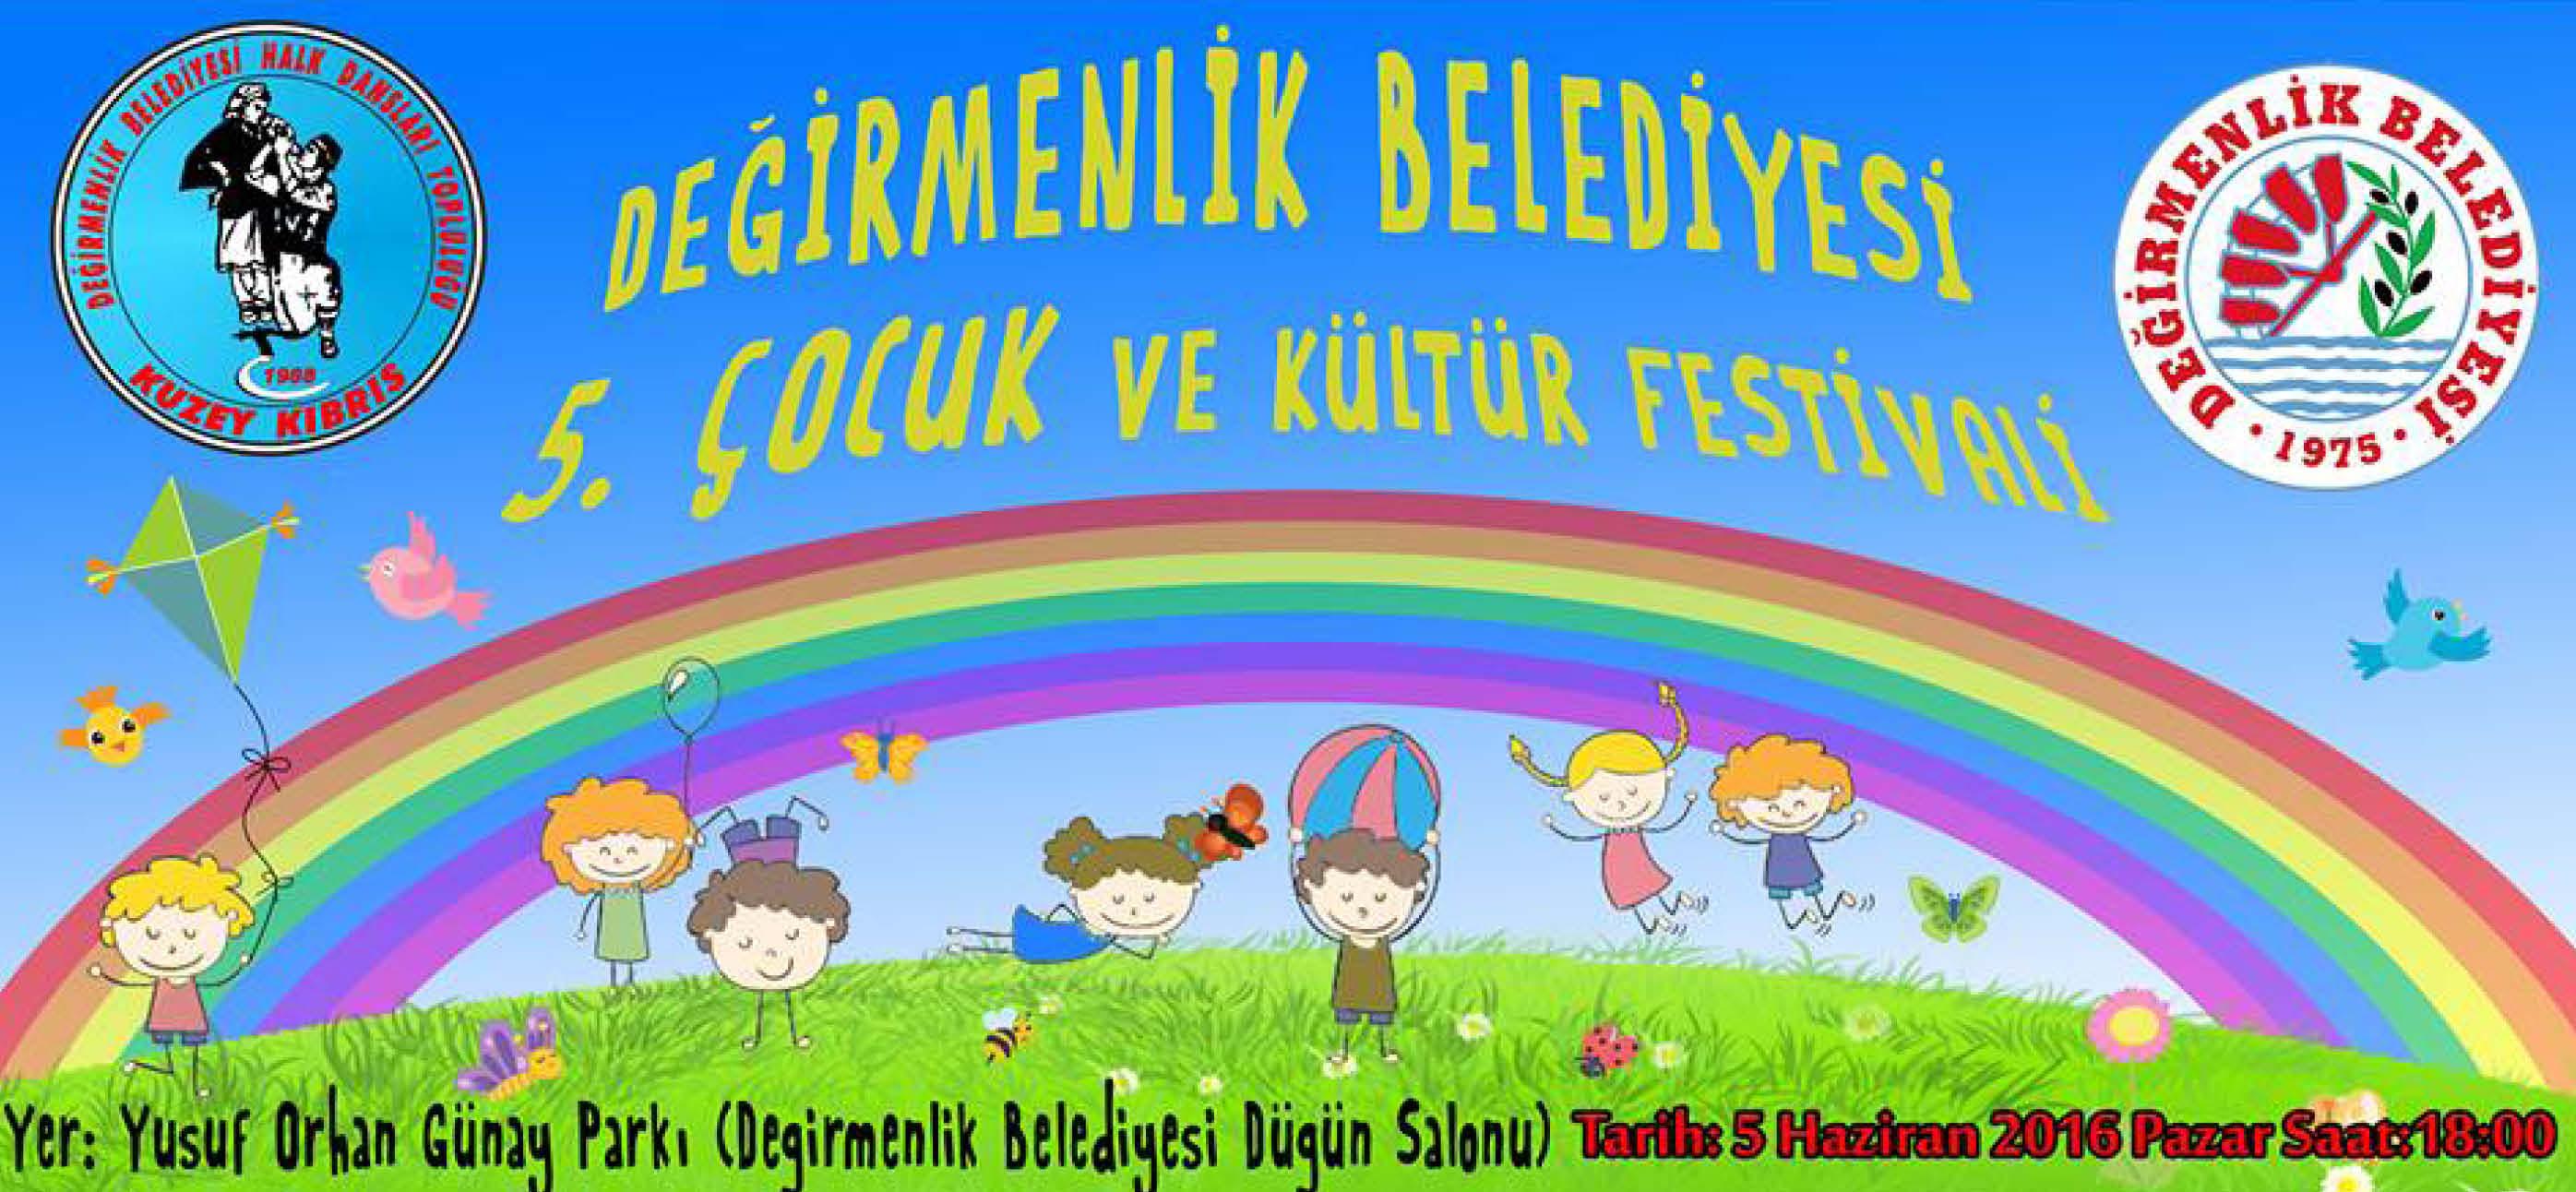 """Değirmenlik Belediyesi  """"5. Çocuk ve Kültür Festivali"""" Pazar günü yapılıyor…"""